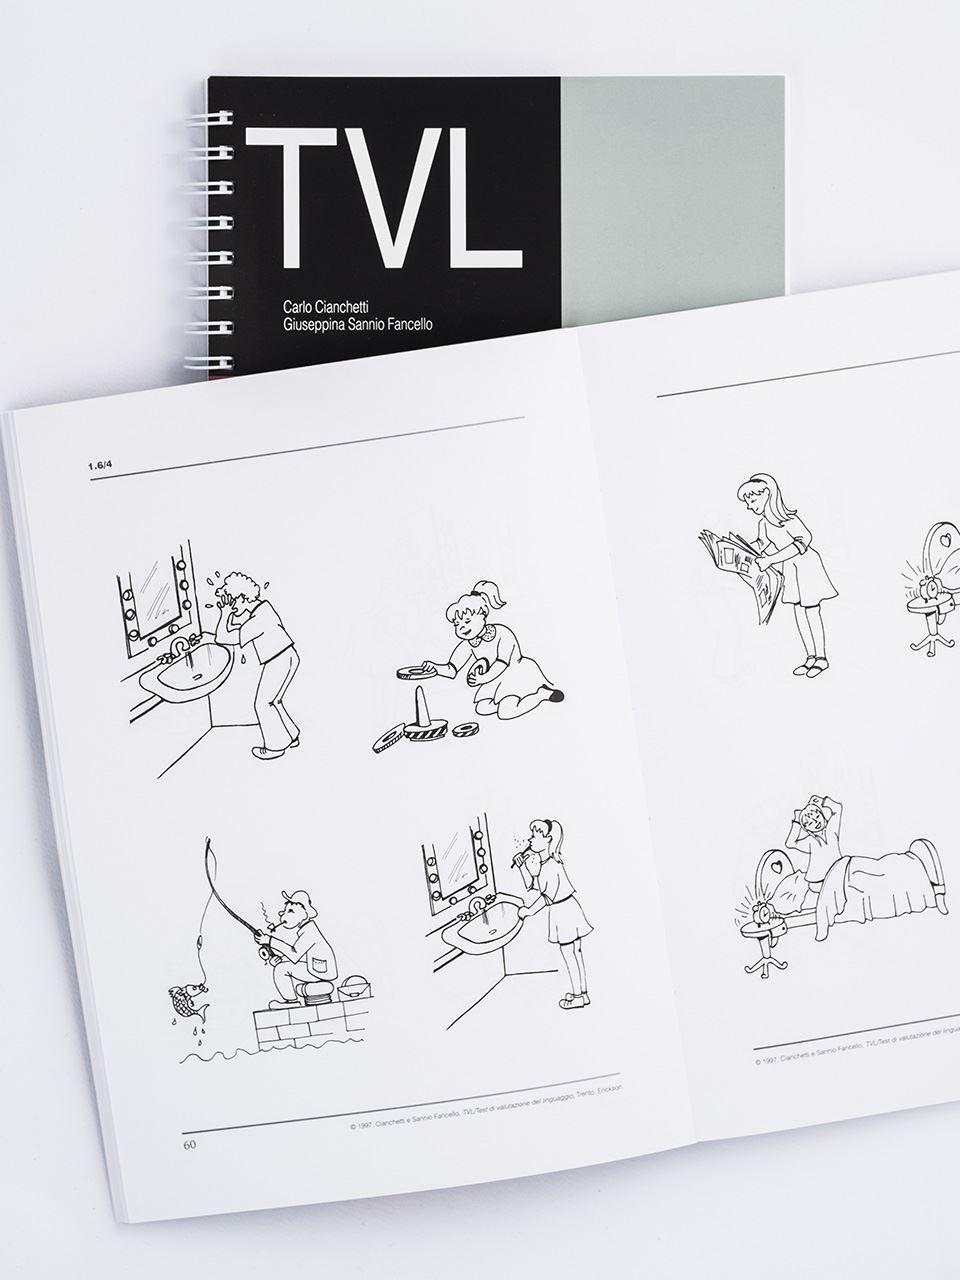 Test TVL - Valutazione del linguaggio - Libri - Strumenti - Erickson 2